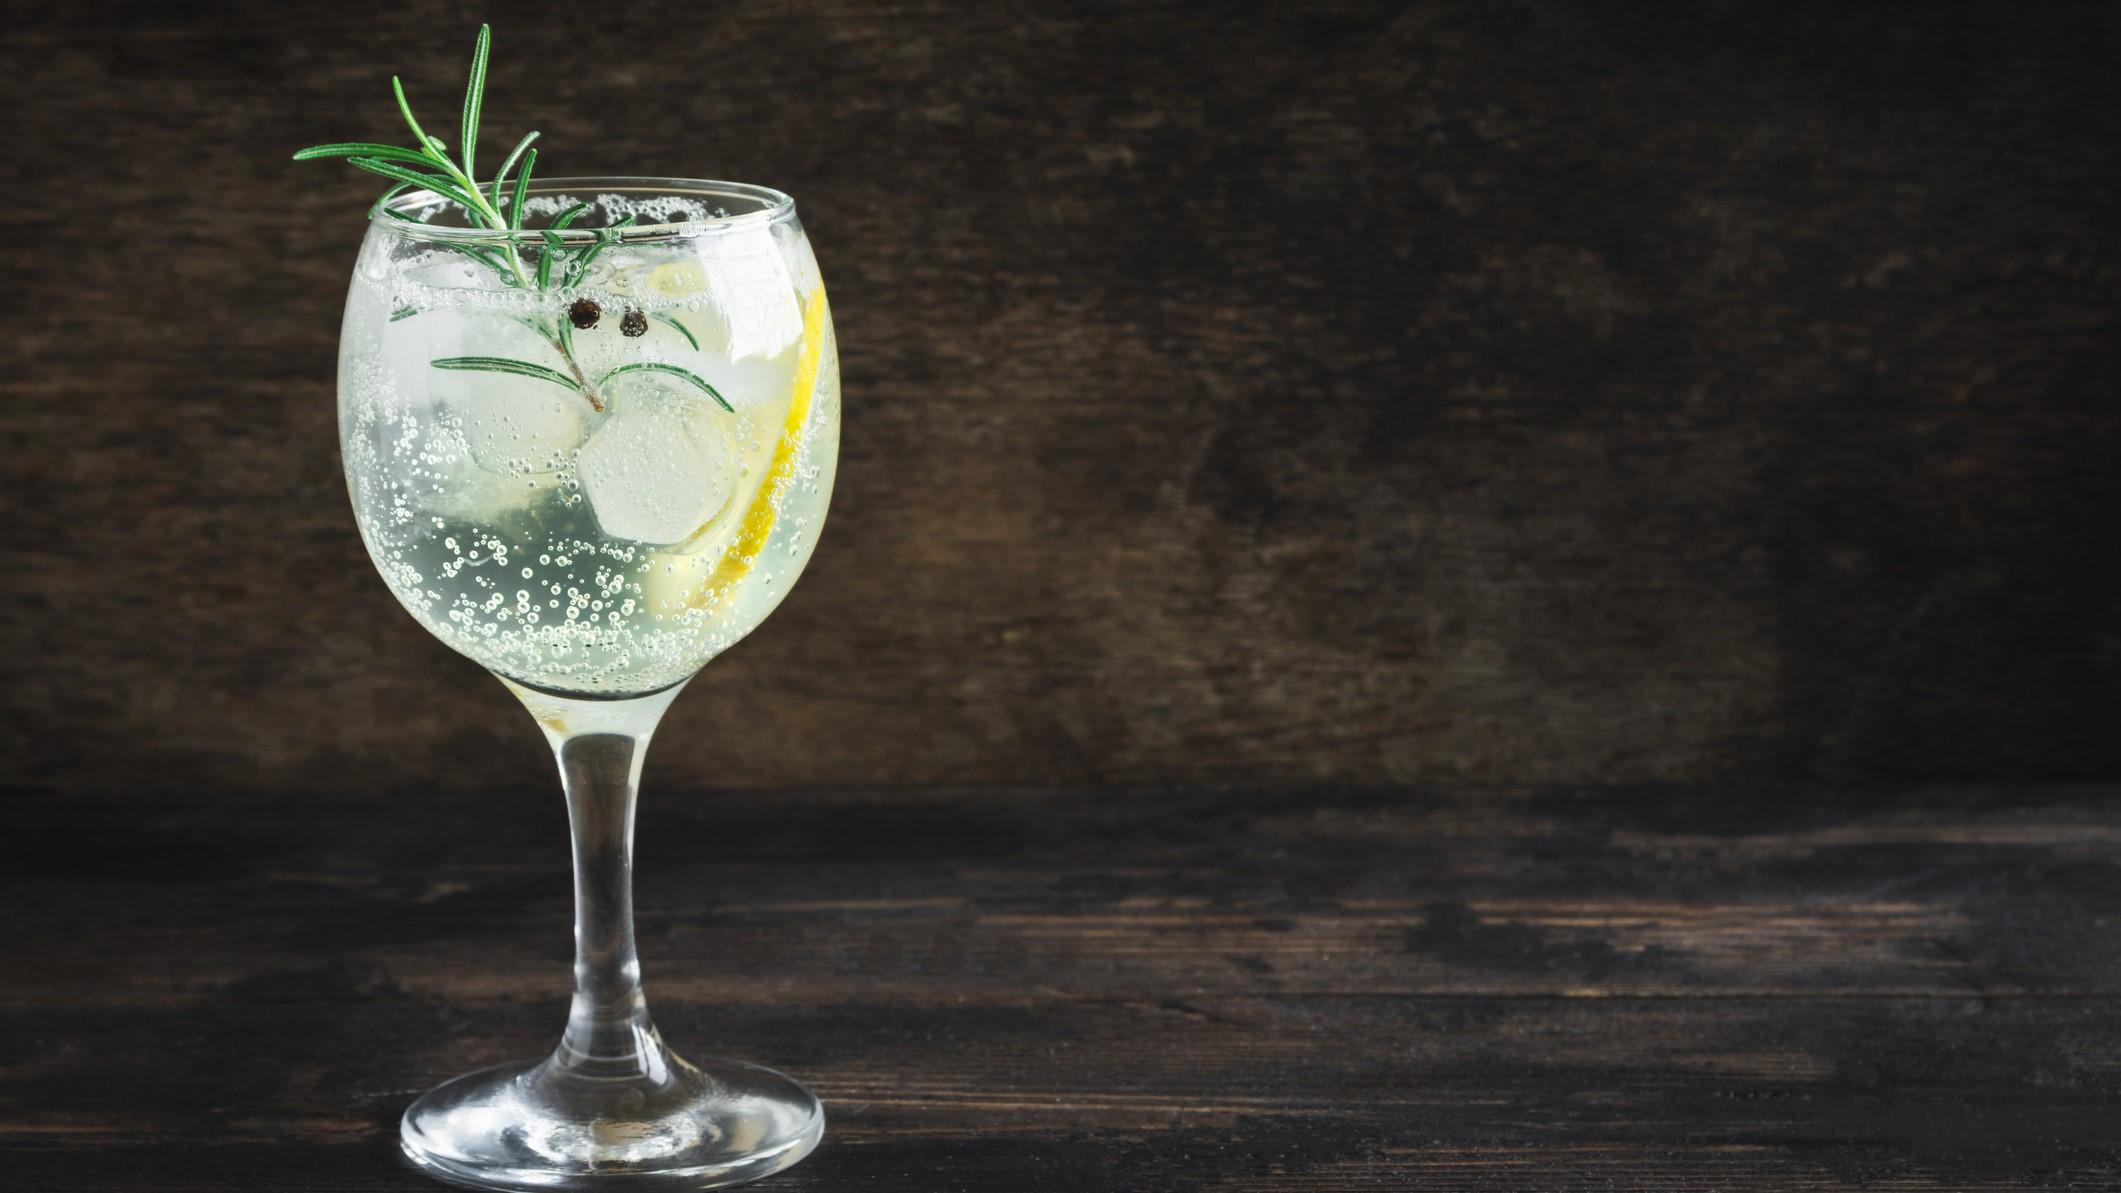 Ein Glas Gin Tonic Spritz mit einer Zitronenscheibe, Rosmarin und Eiswürfeln, vor einem dunklen Hintergrund.